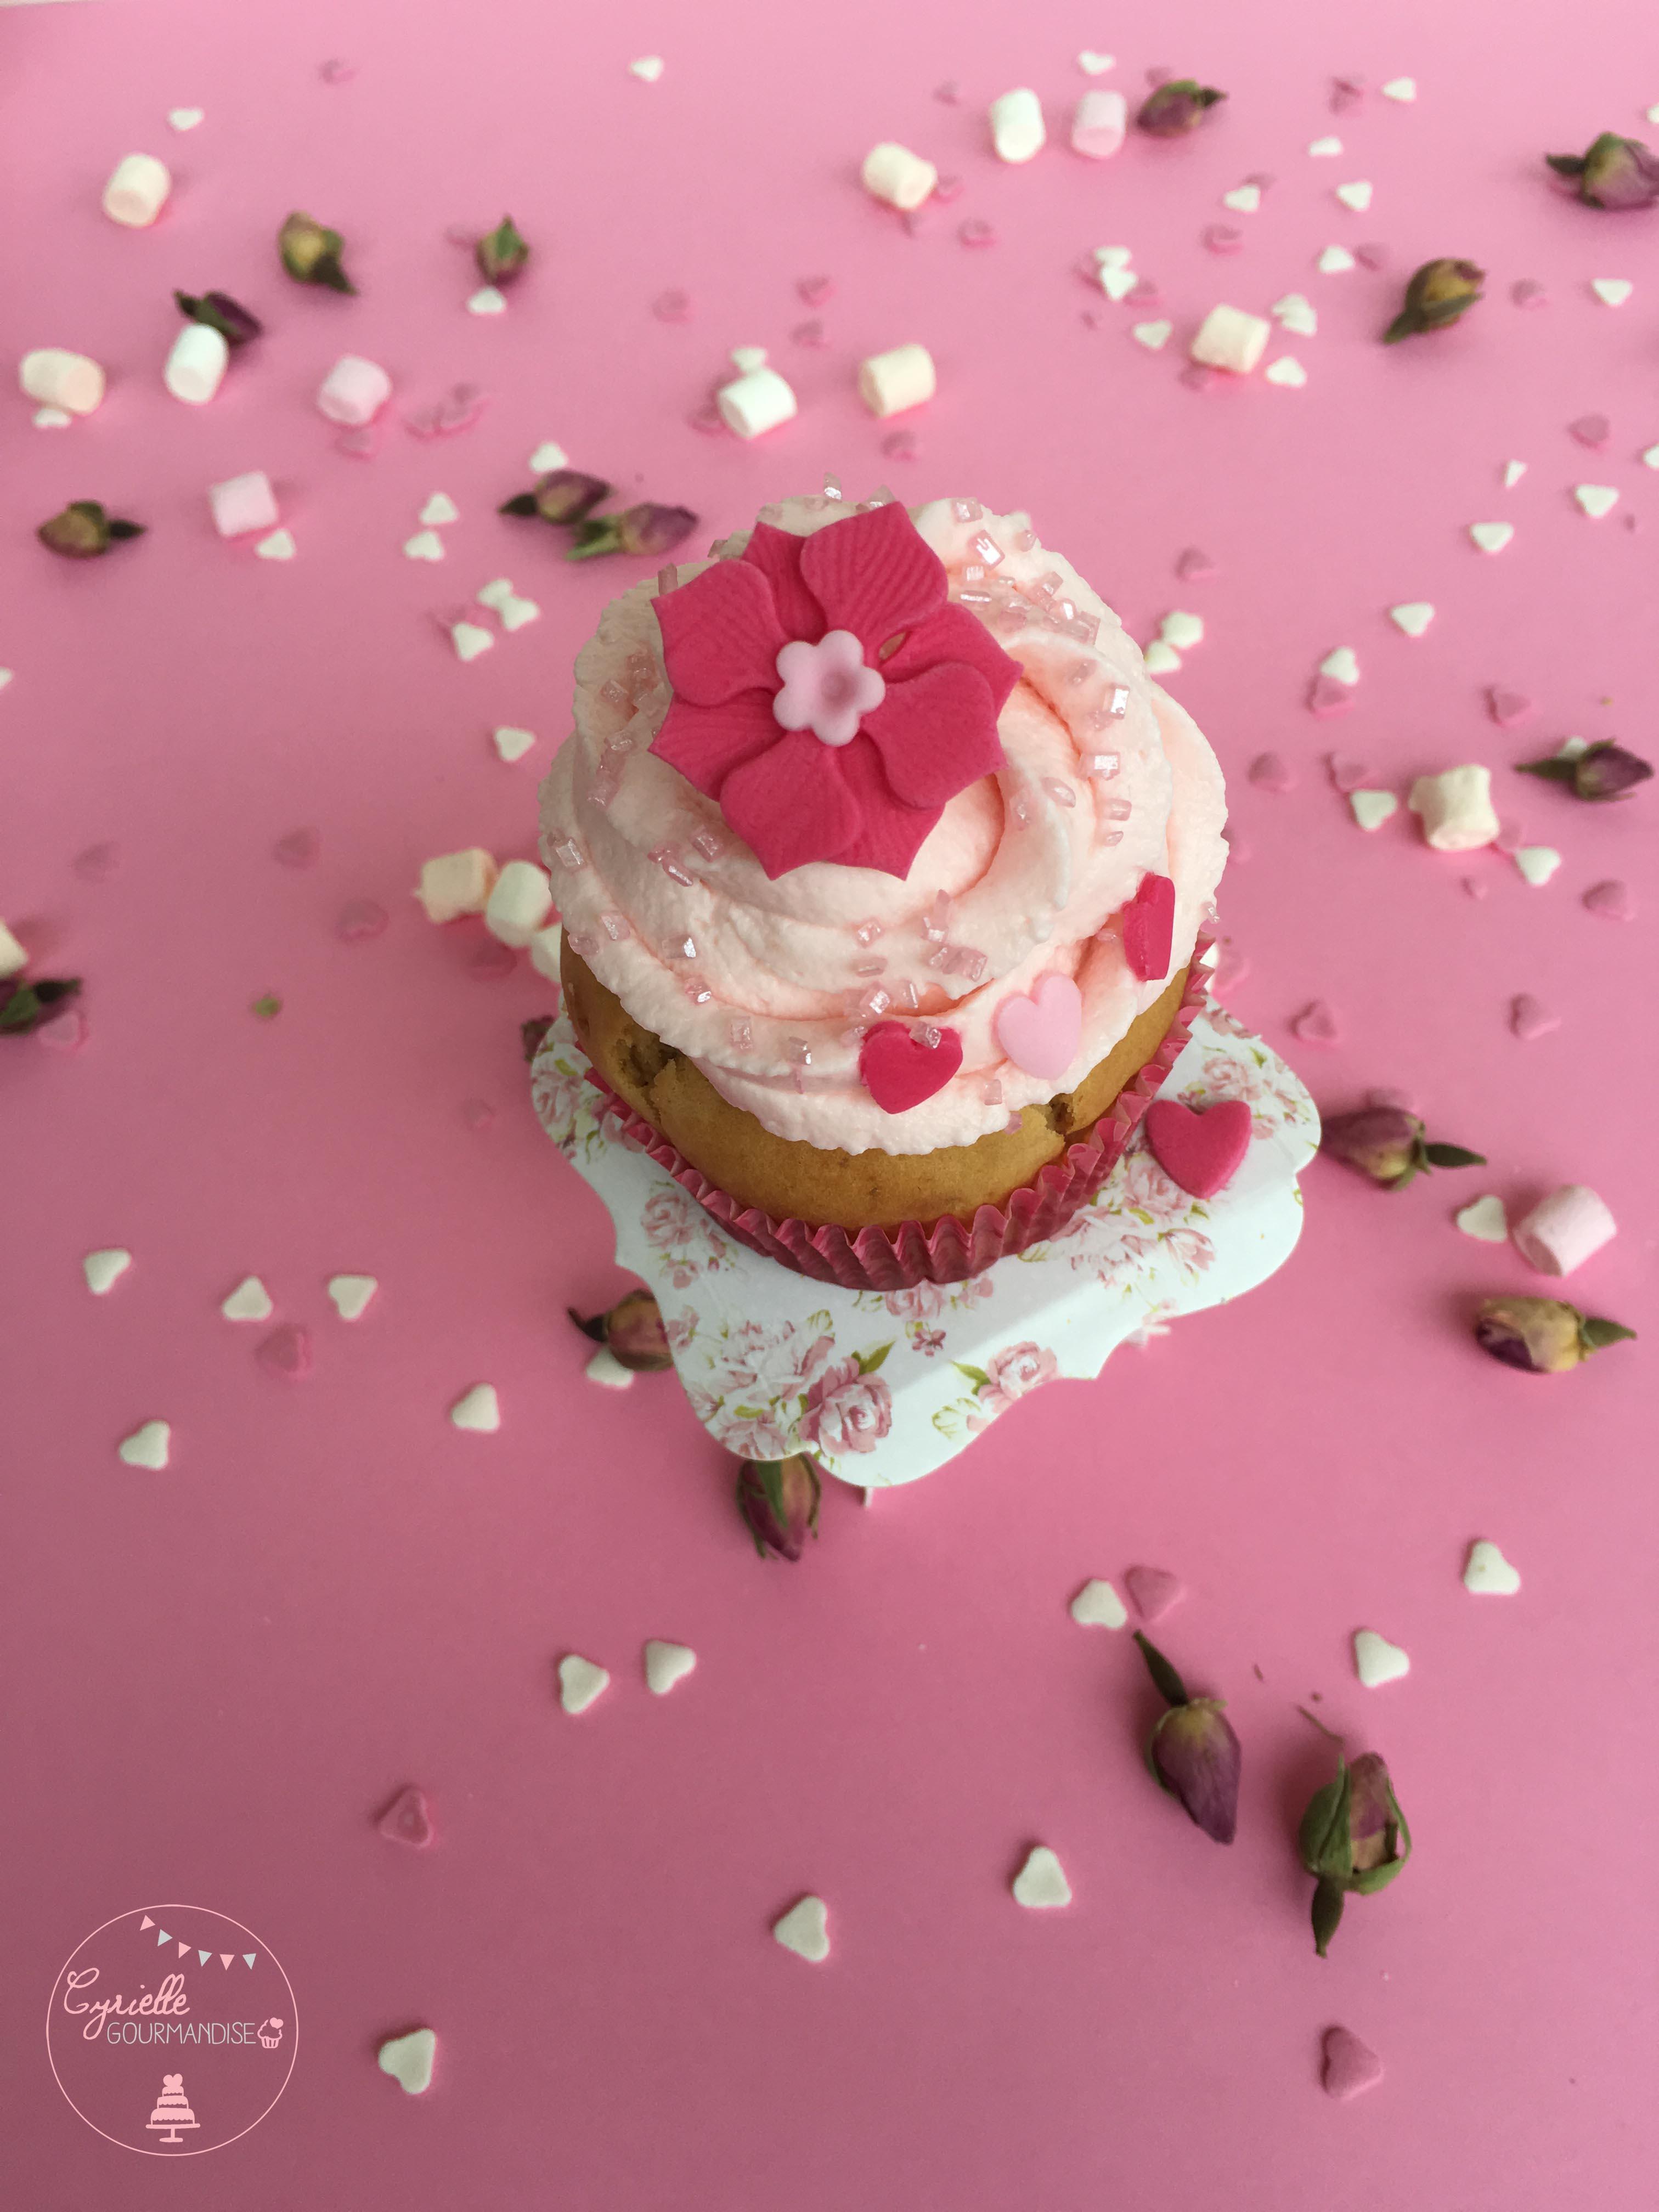 Cupcake rhubarbe rose